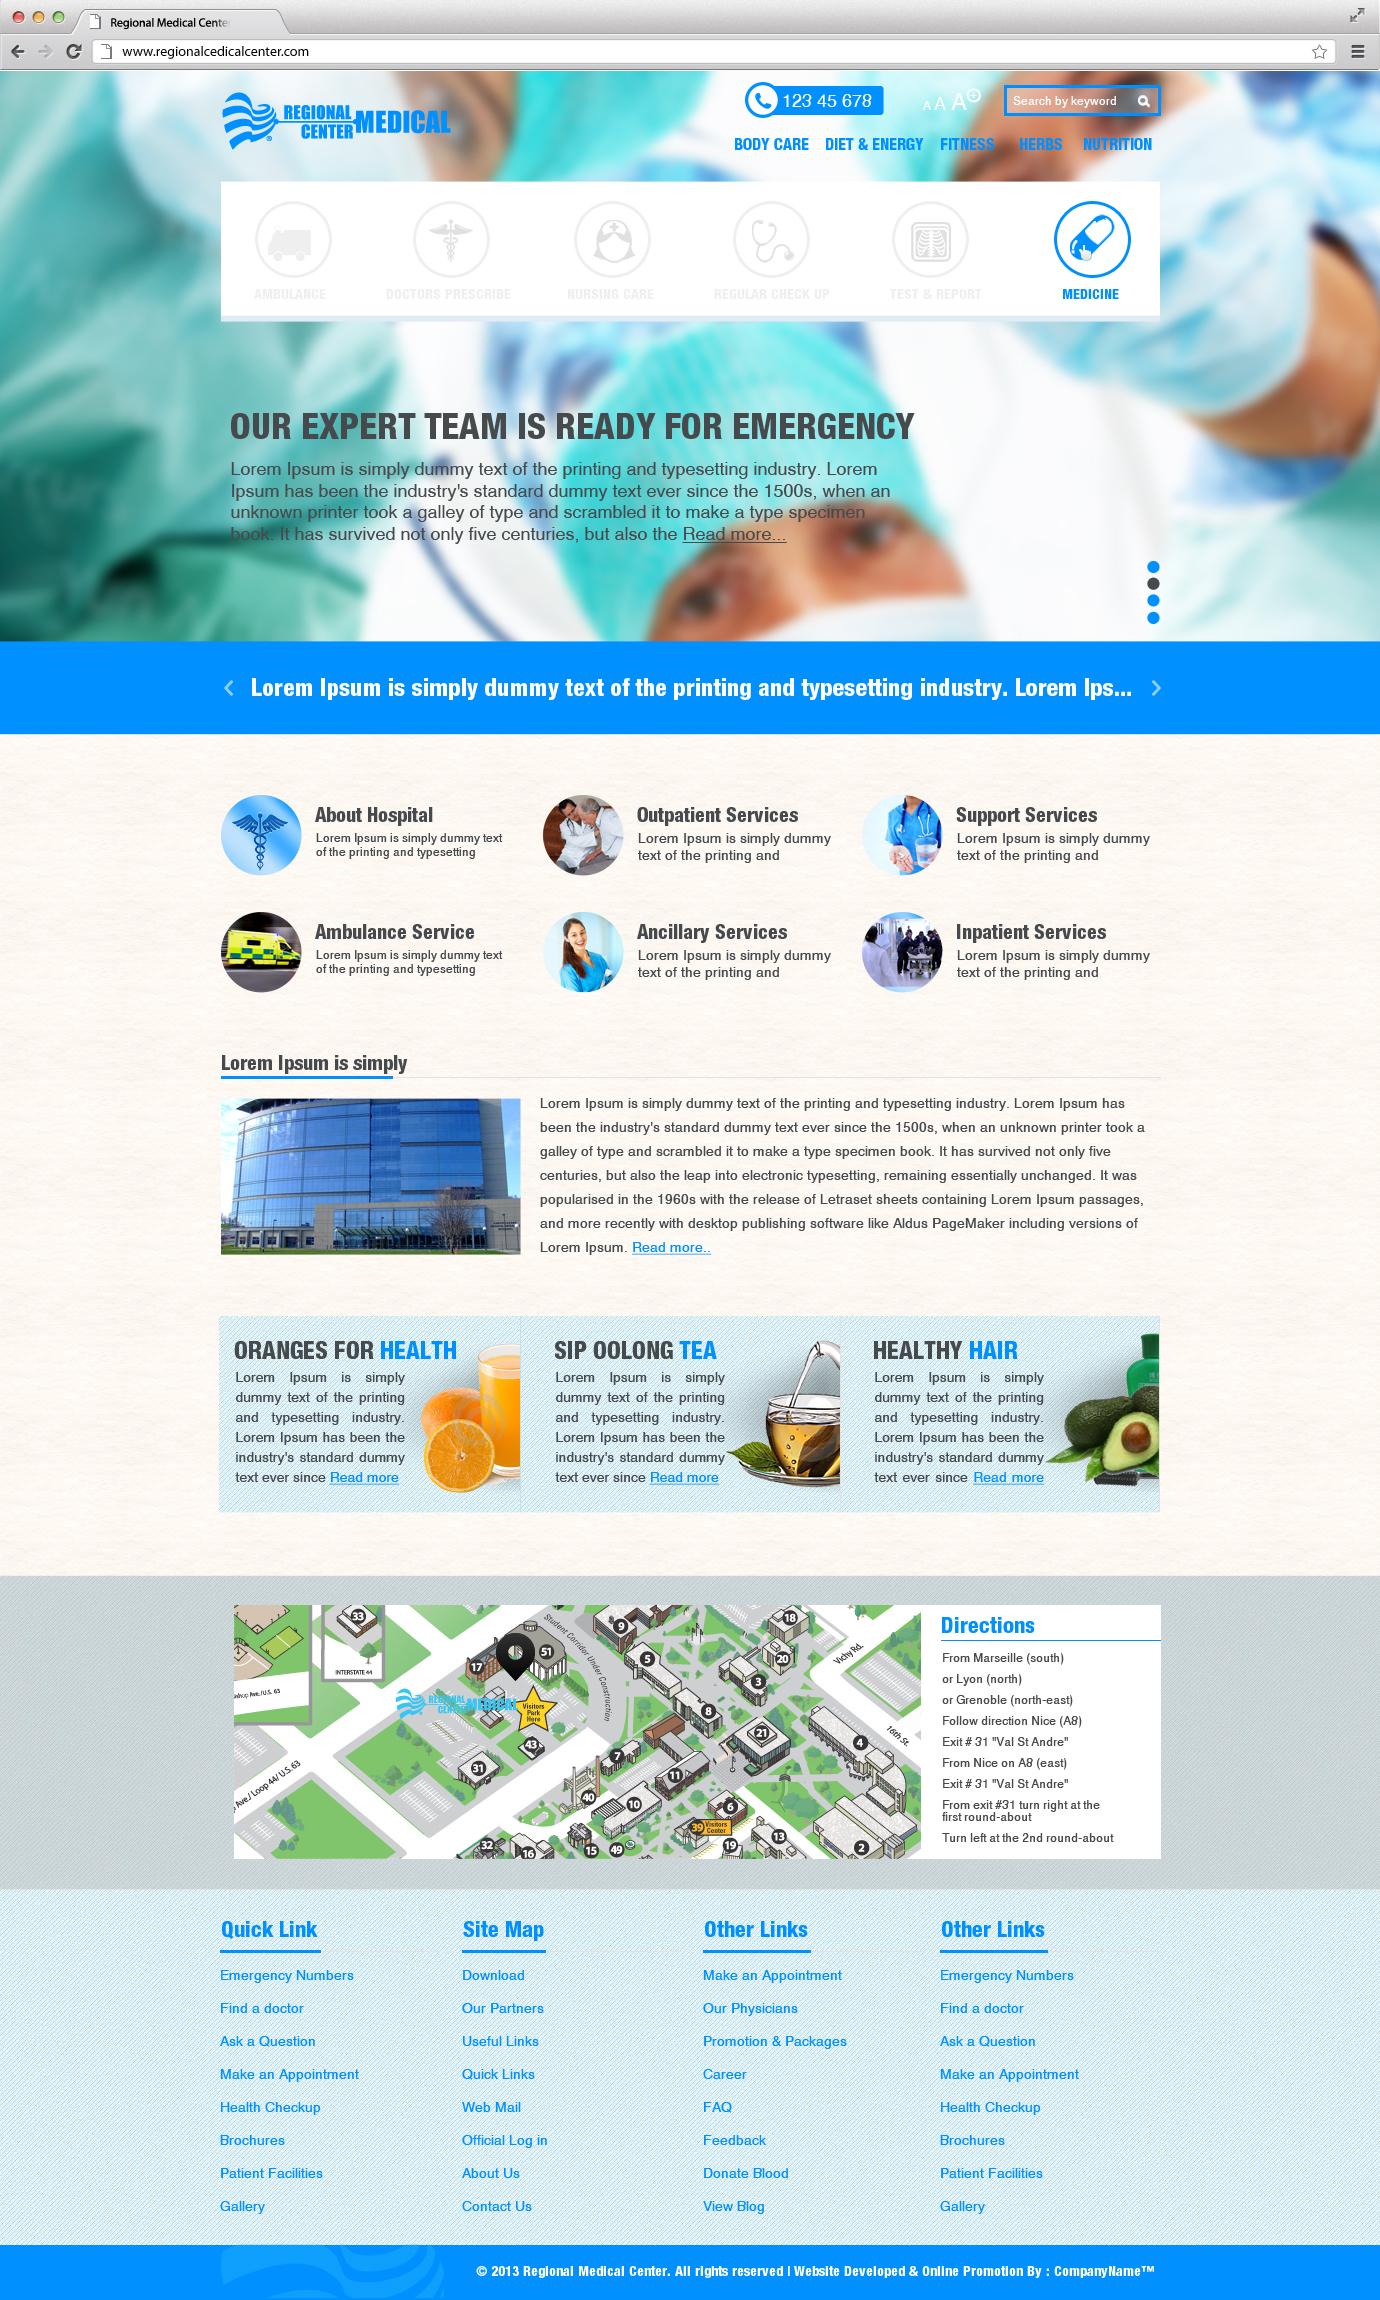 Regional Medical Center